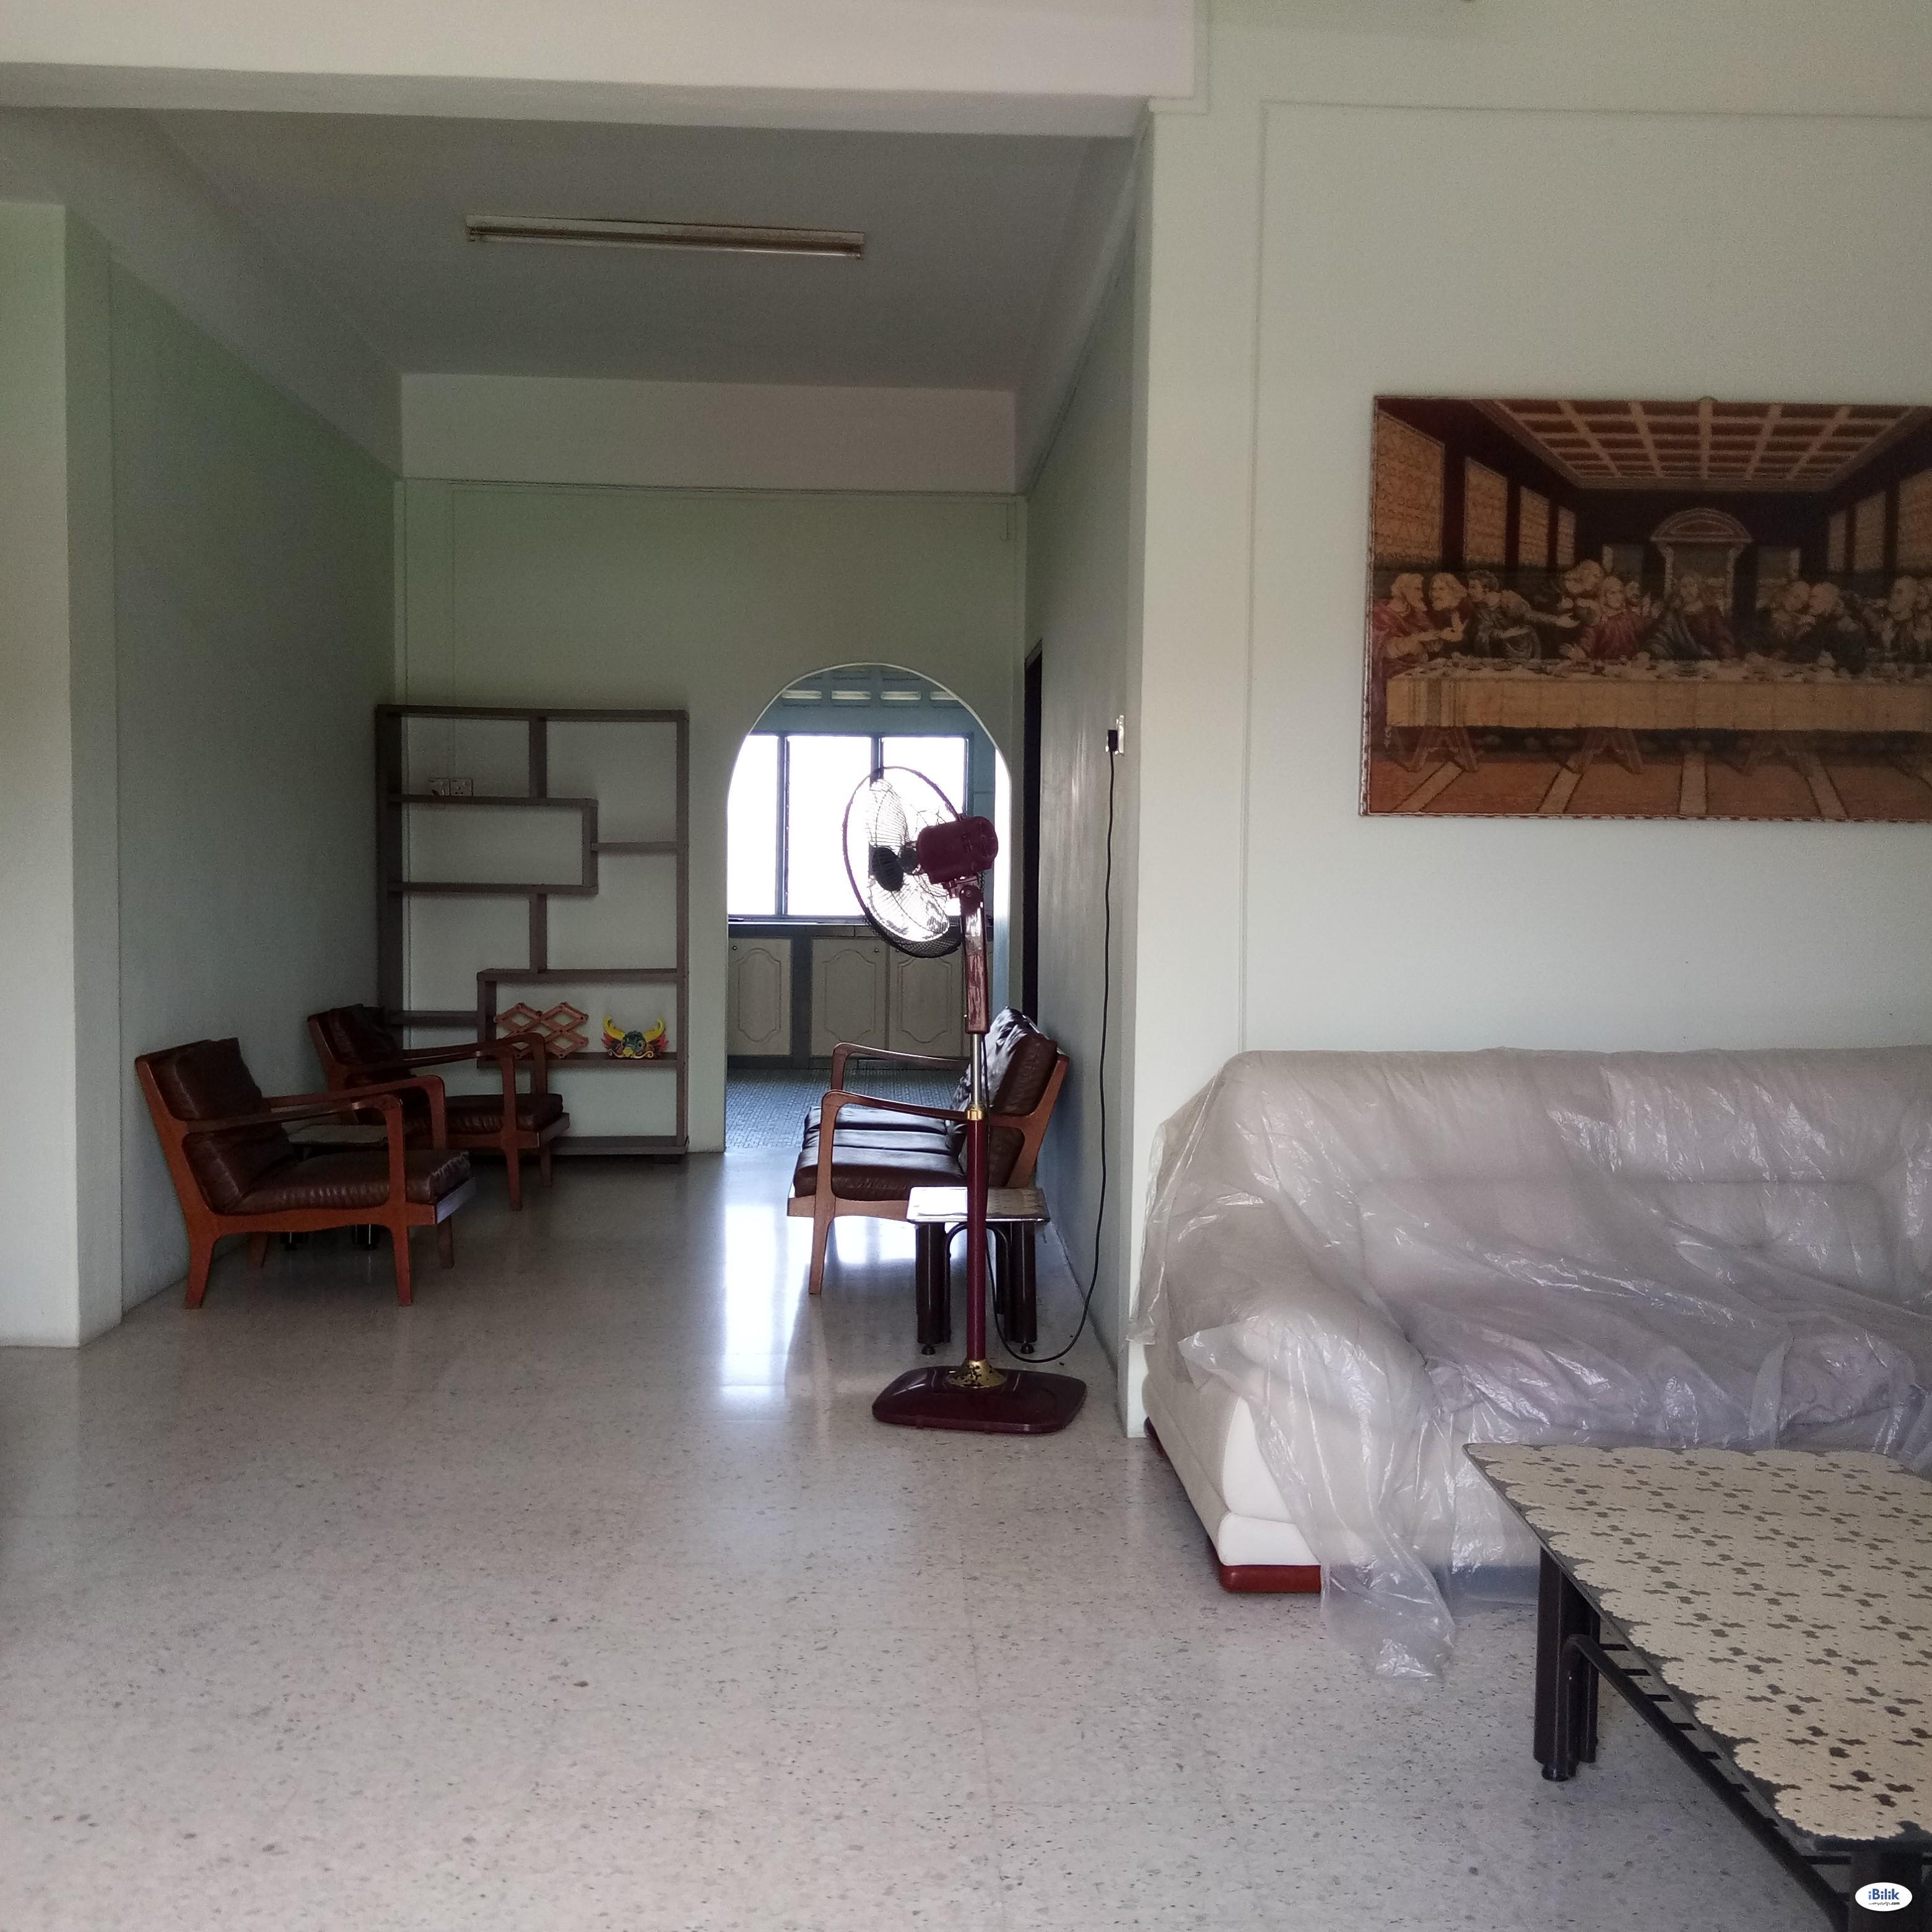 Middle Room at Muar, Johor